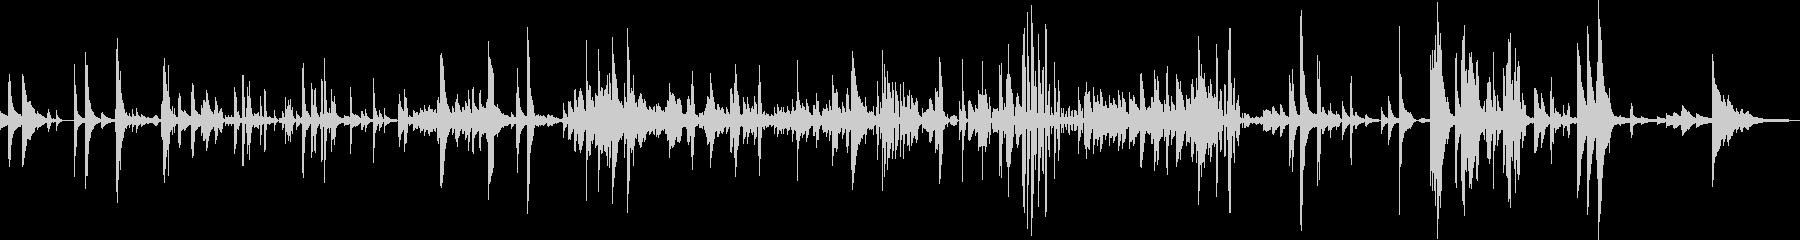 ピアノソロ アート作品 「パラダイム1」の未再生の波形